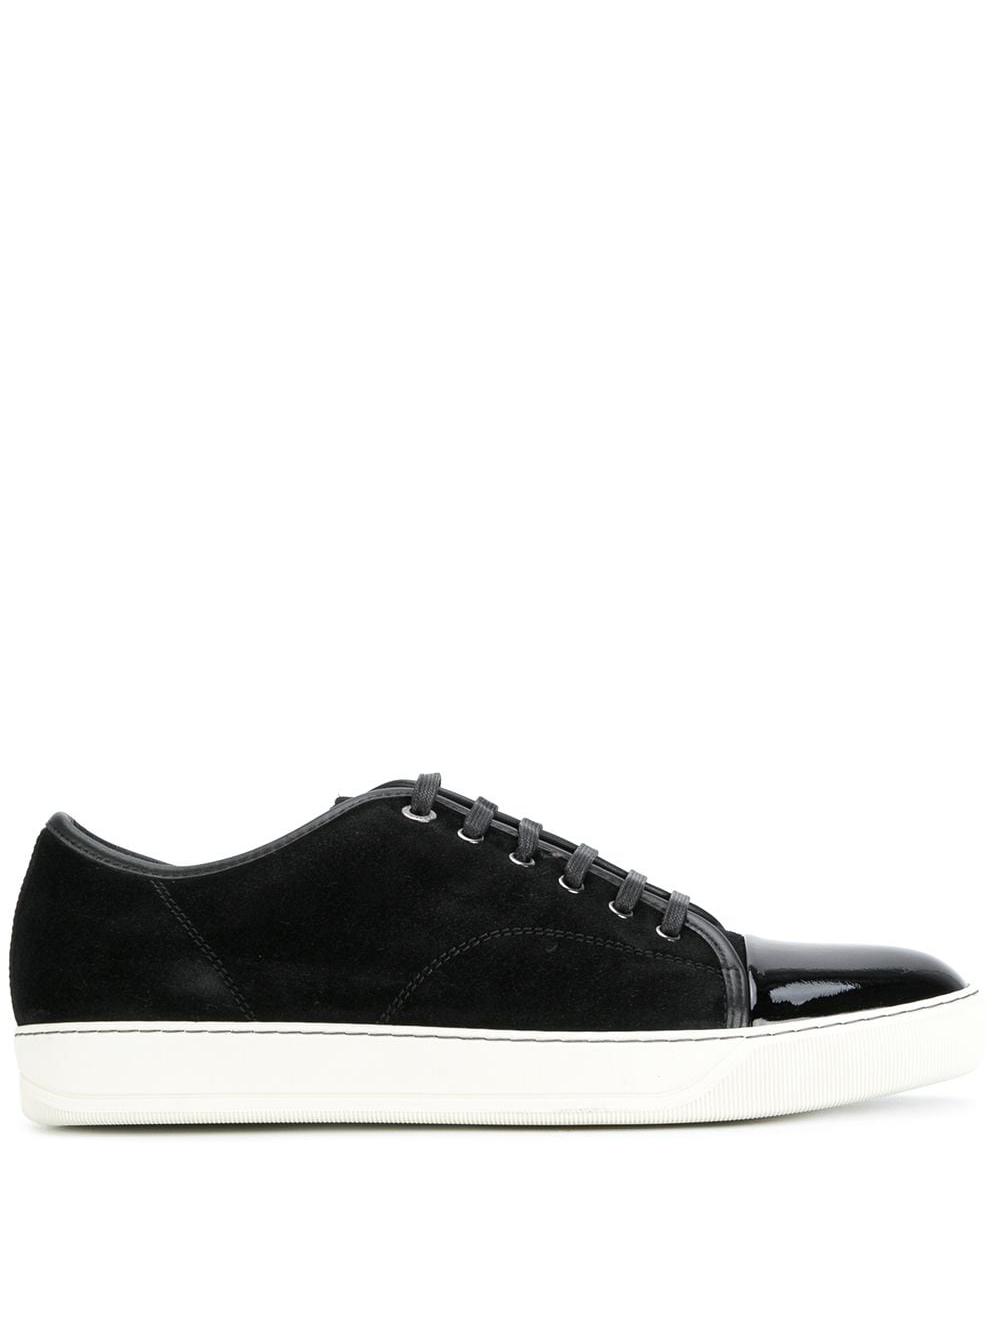 Dbb1 sneakers man black leather LANVIN   Sneakers   FM-SKDBB1-VBAL-P1510